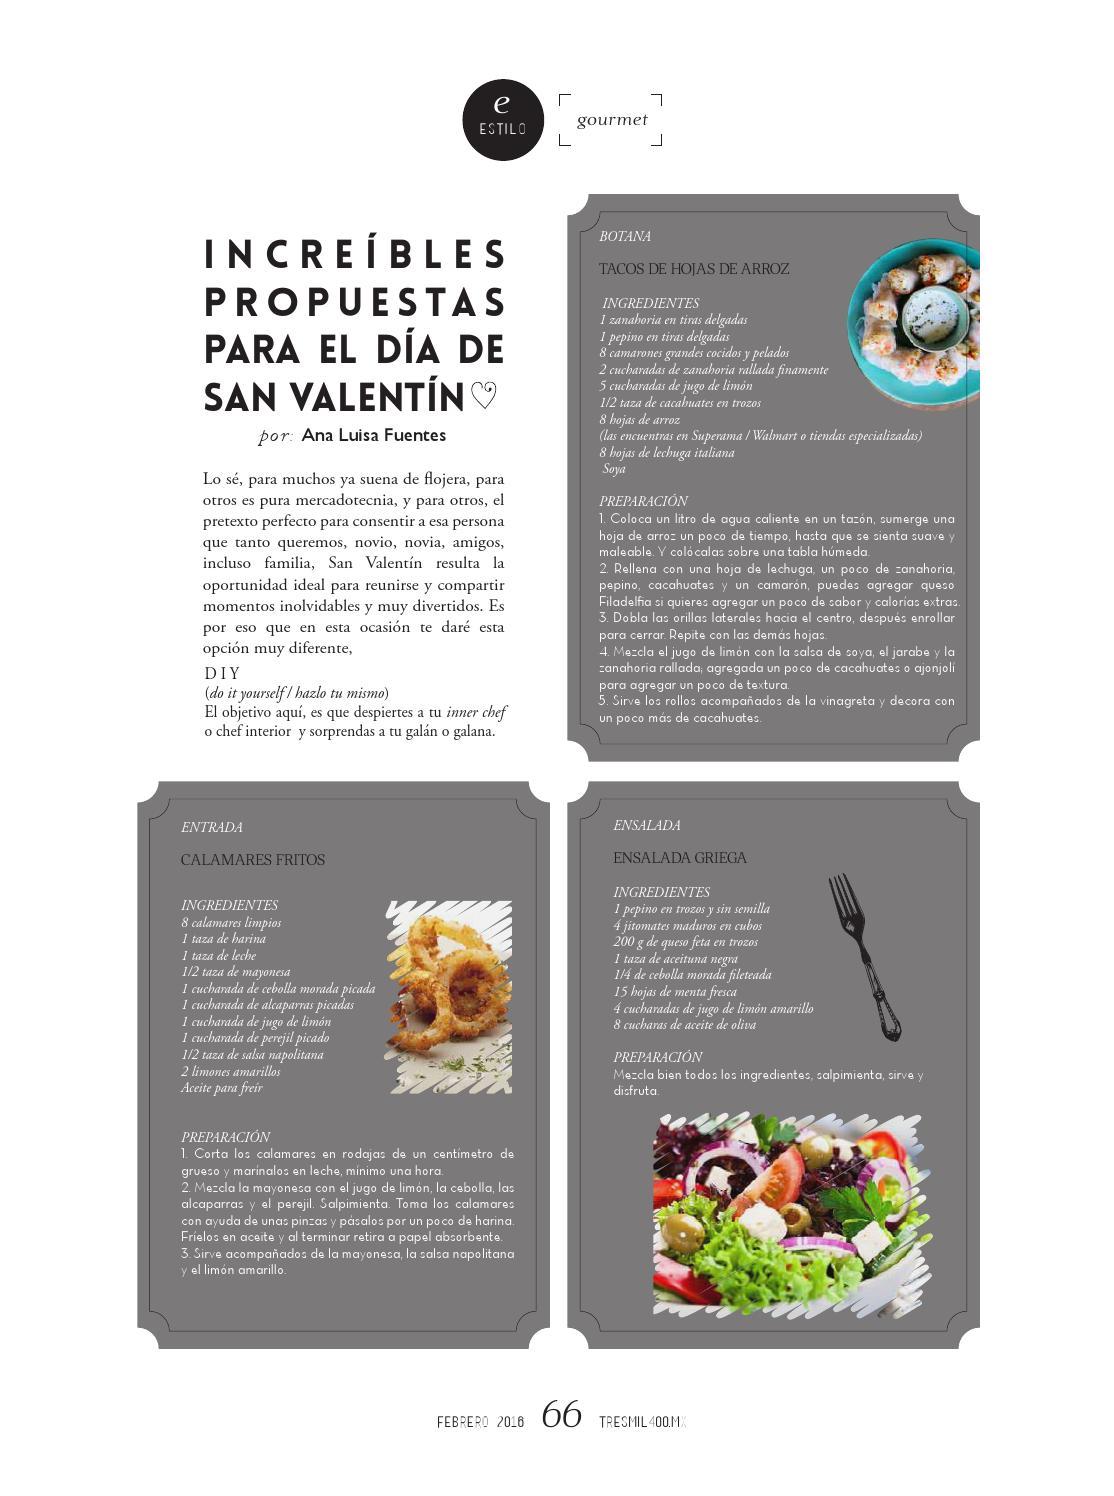 Tresmil400 Febrero 2016 By Revista Tresmil400 Issuu Ralladora de pan queso zanahoria ralla fino y en hebras. issuu